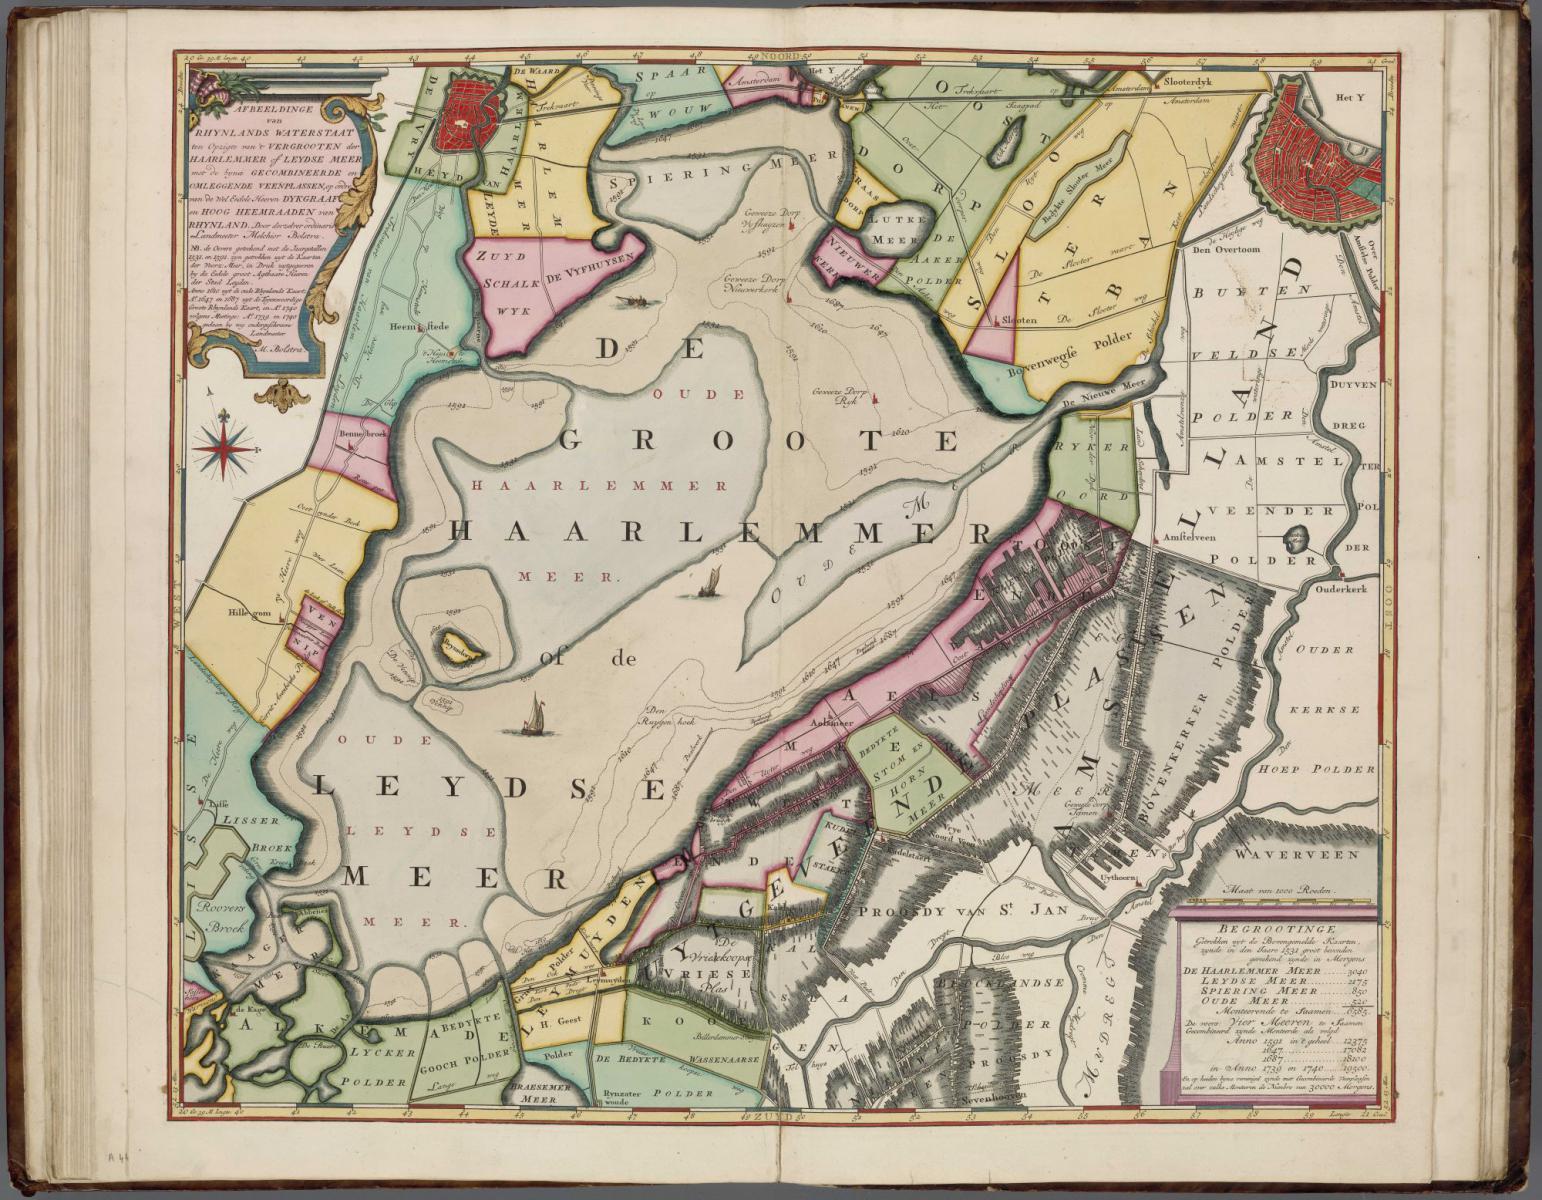 7. Bolstra Coster 1746